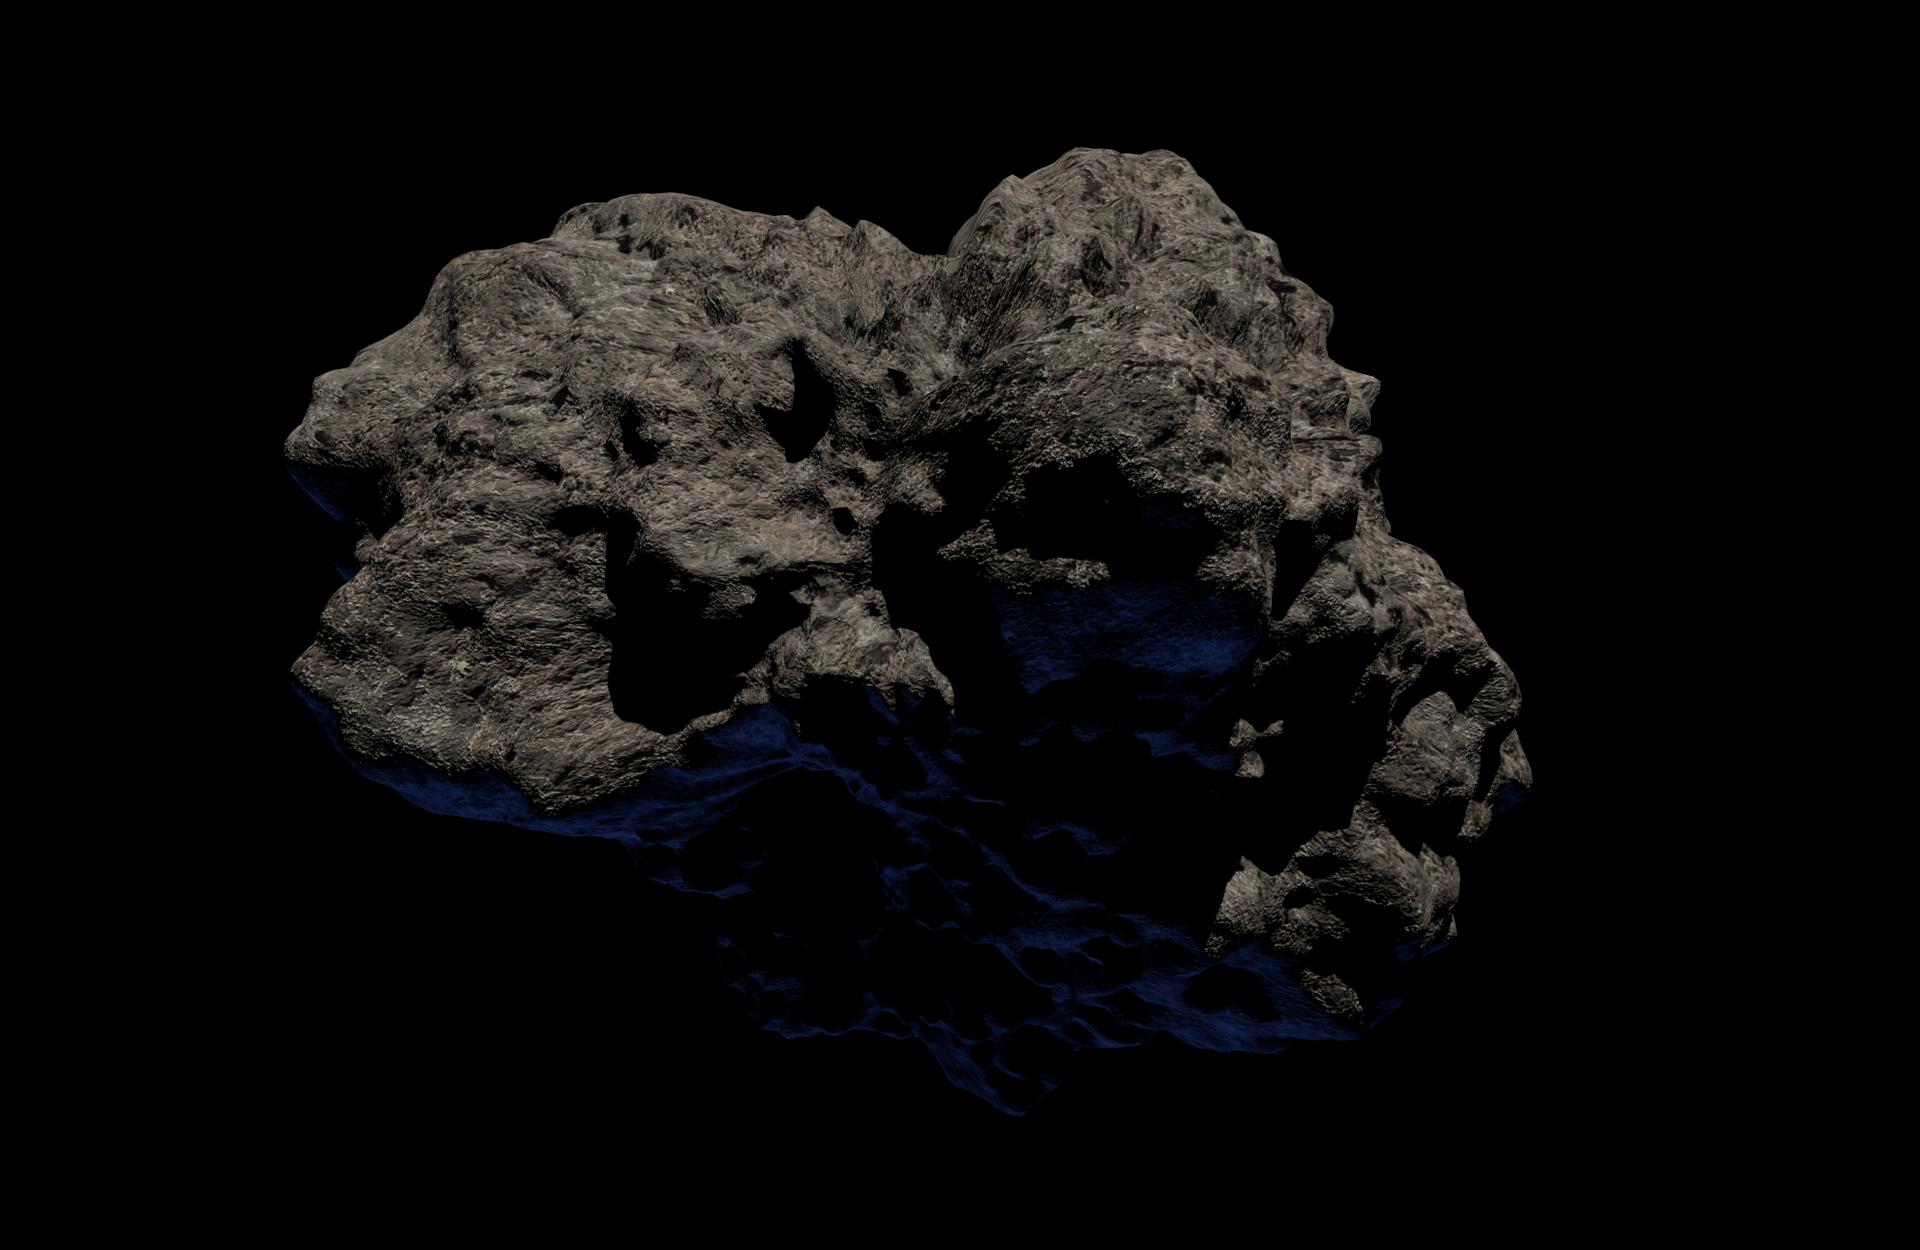 حجر نيزكي في الفضاء العميق